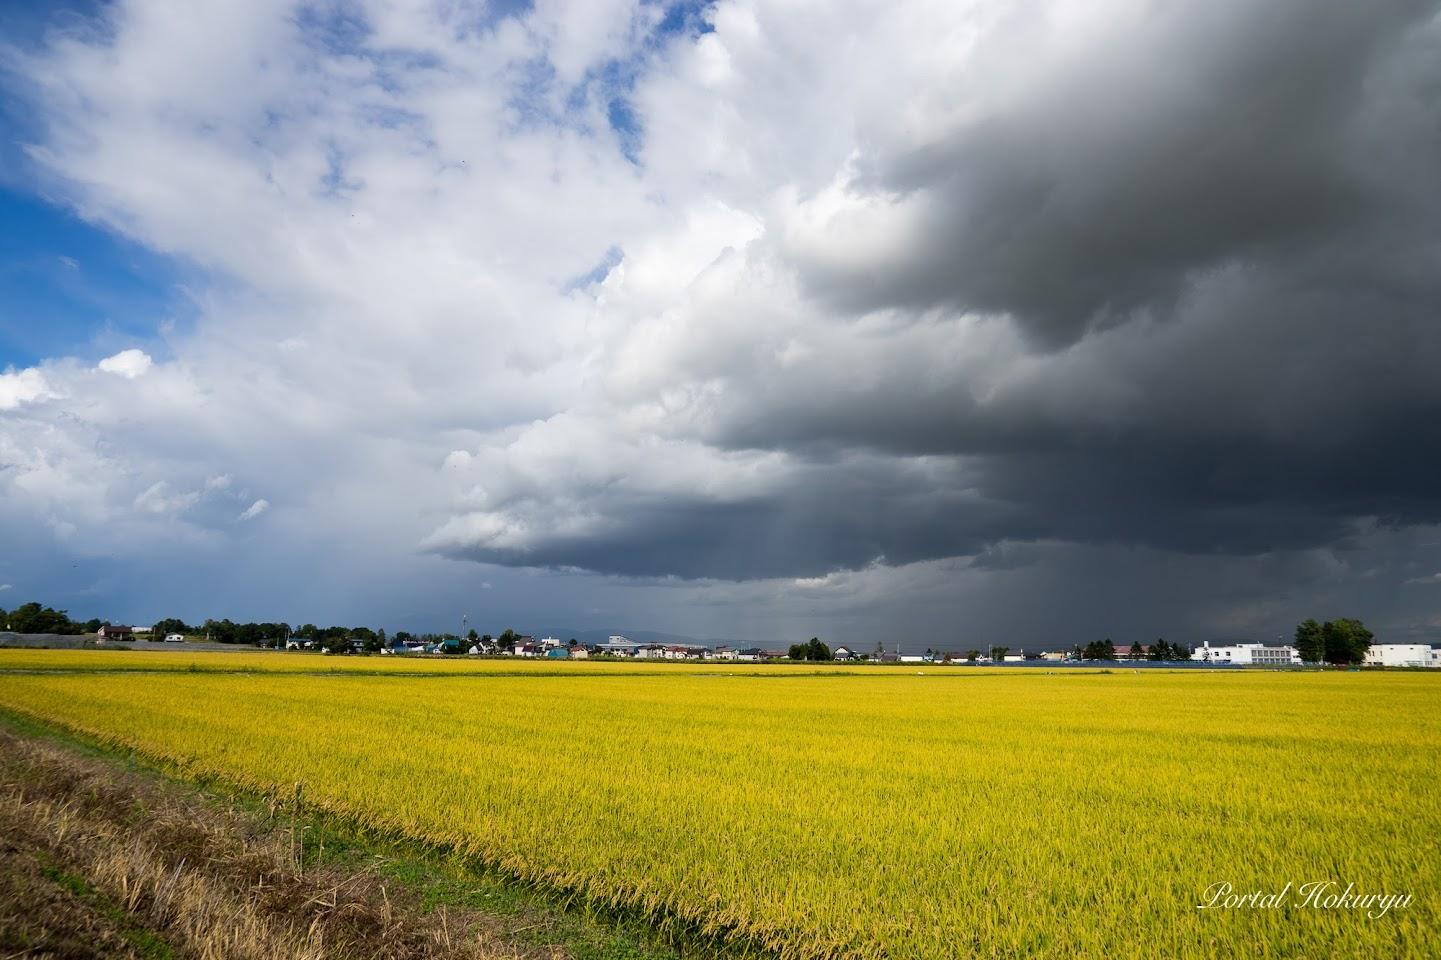 忍び寄る怪しげな雲